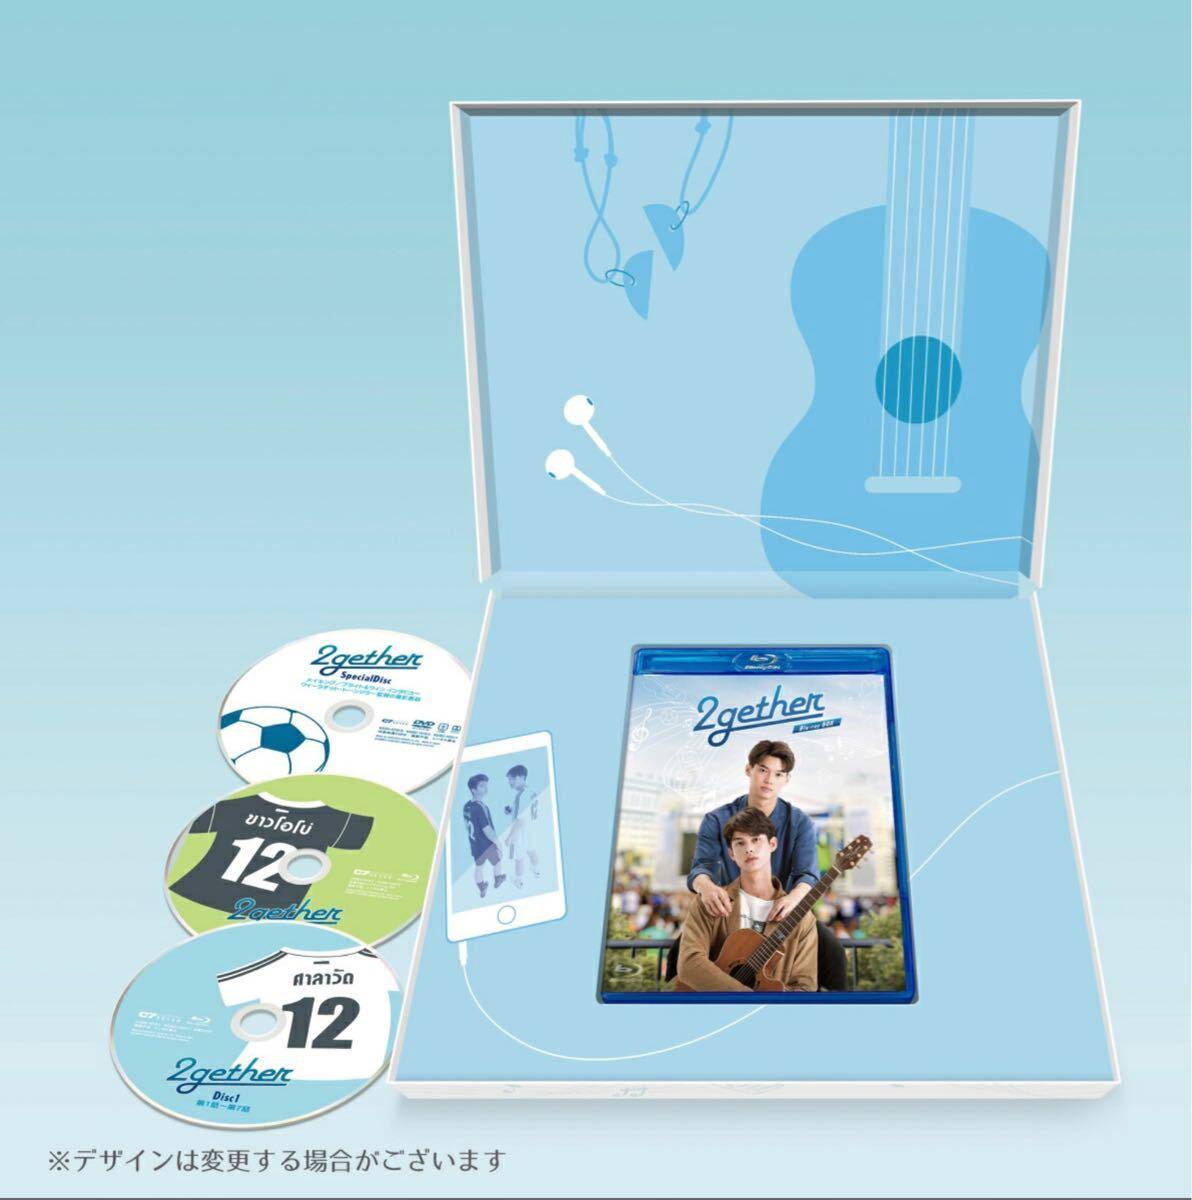 タイ人気ドラマ 2gether Blu-ray BOX 初回生産限定版